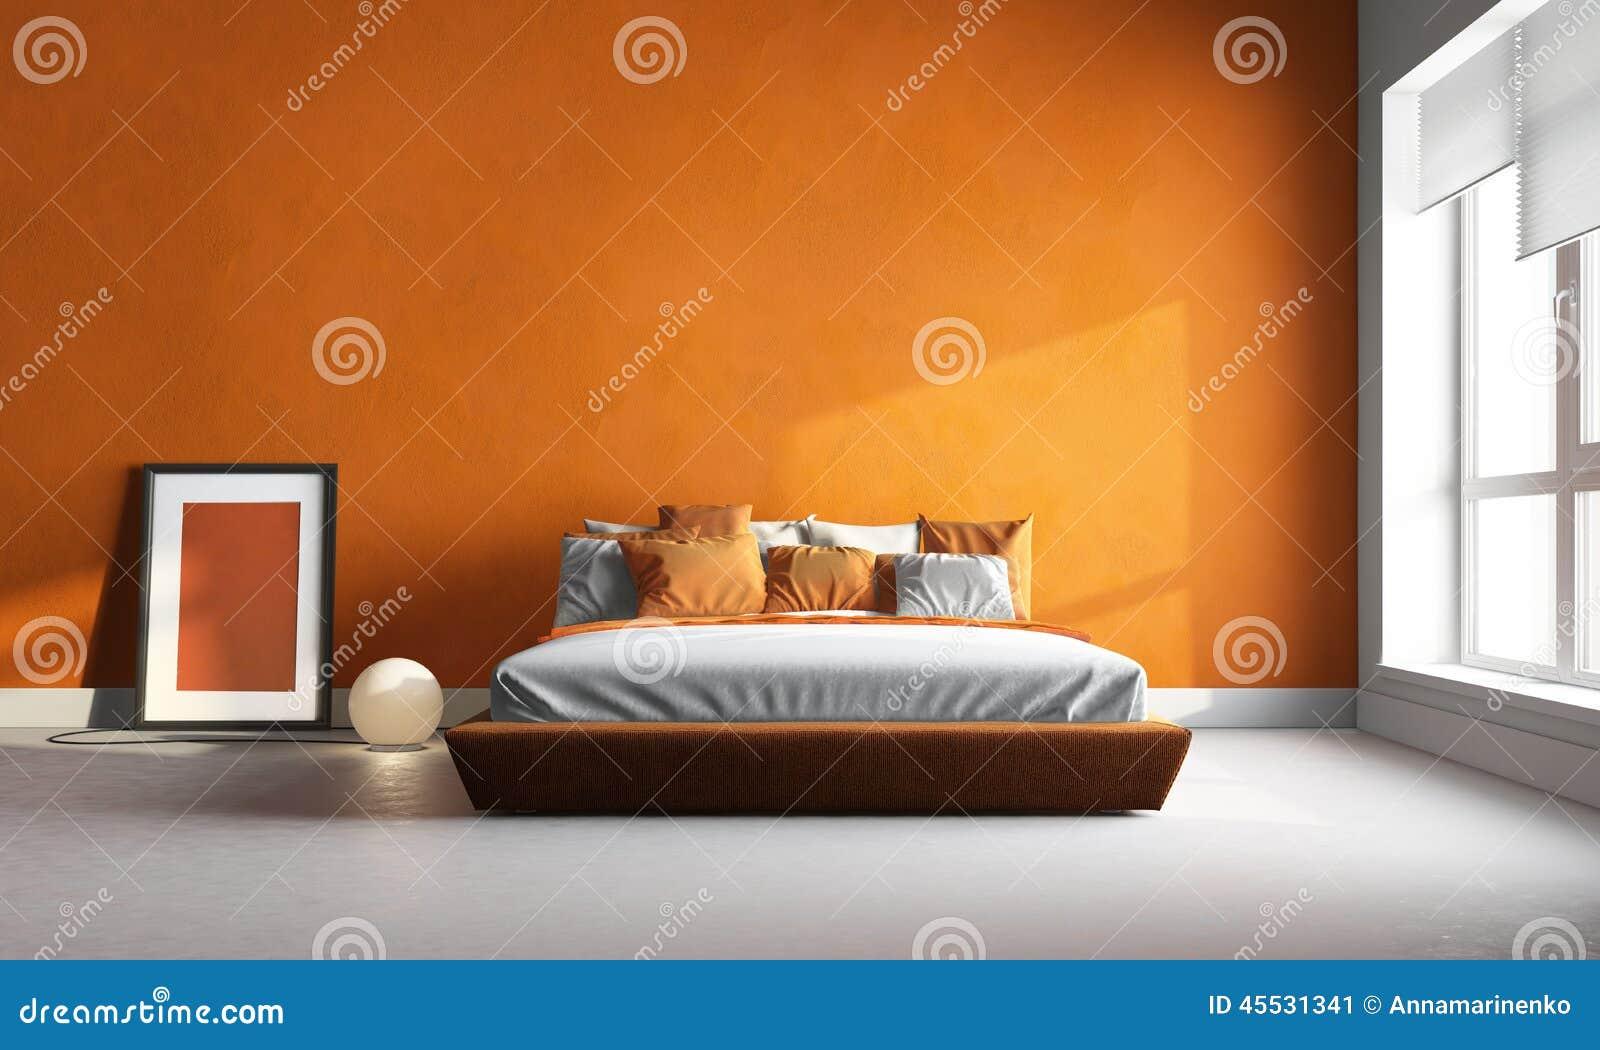 Camera da letto arancione immagine stock. Immagine di interno - 45531341